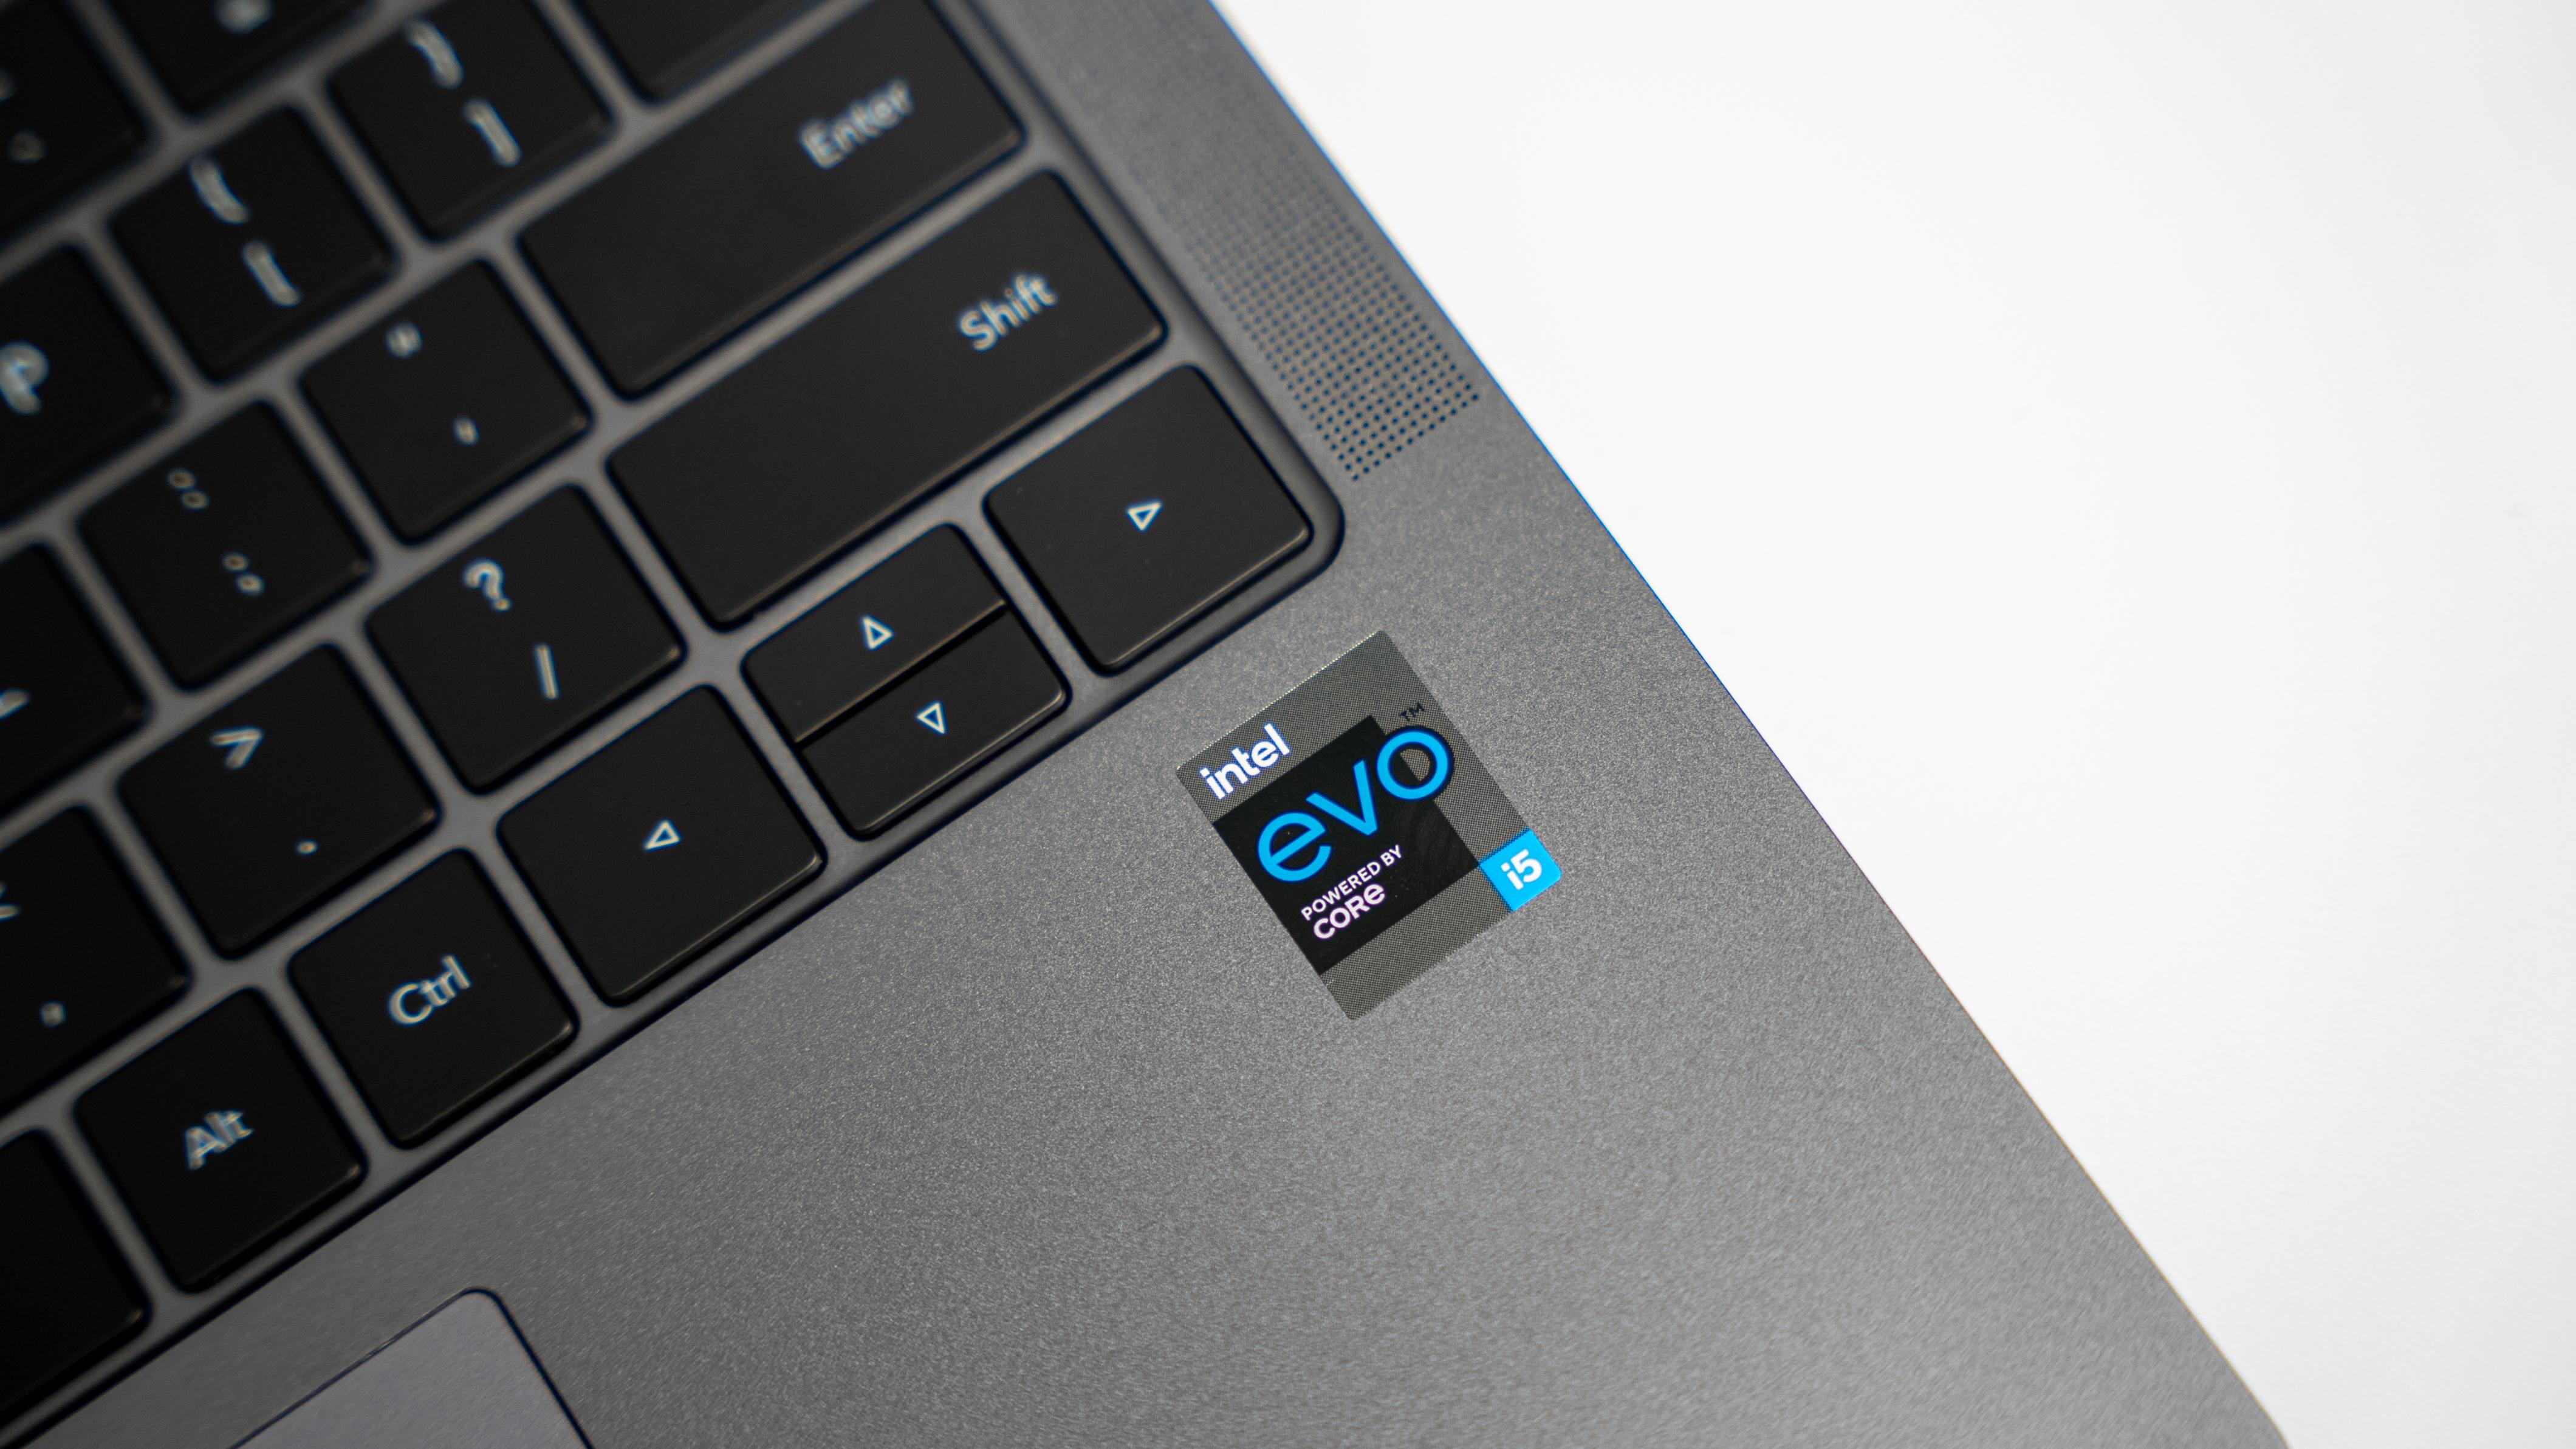 可选配NVIDIA® GeForce MX450独立显卡,全系标配16GB大内存,512GB固态硬盘,无论是多任务处理,还是热门网络游戏都能轻松应对。